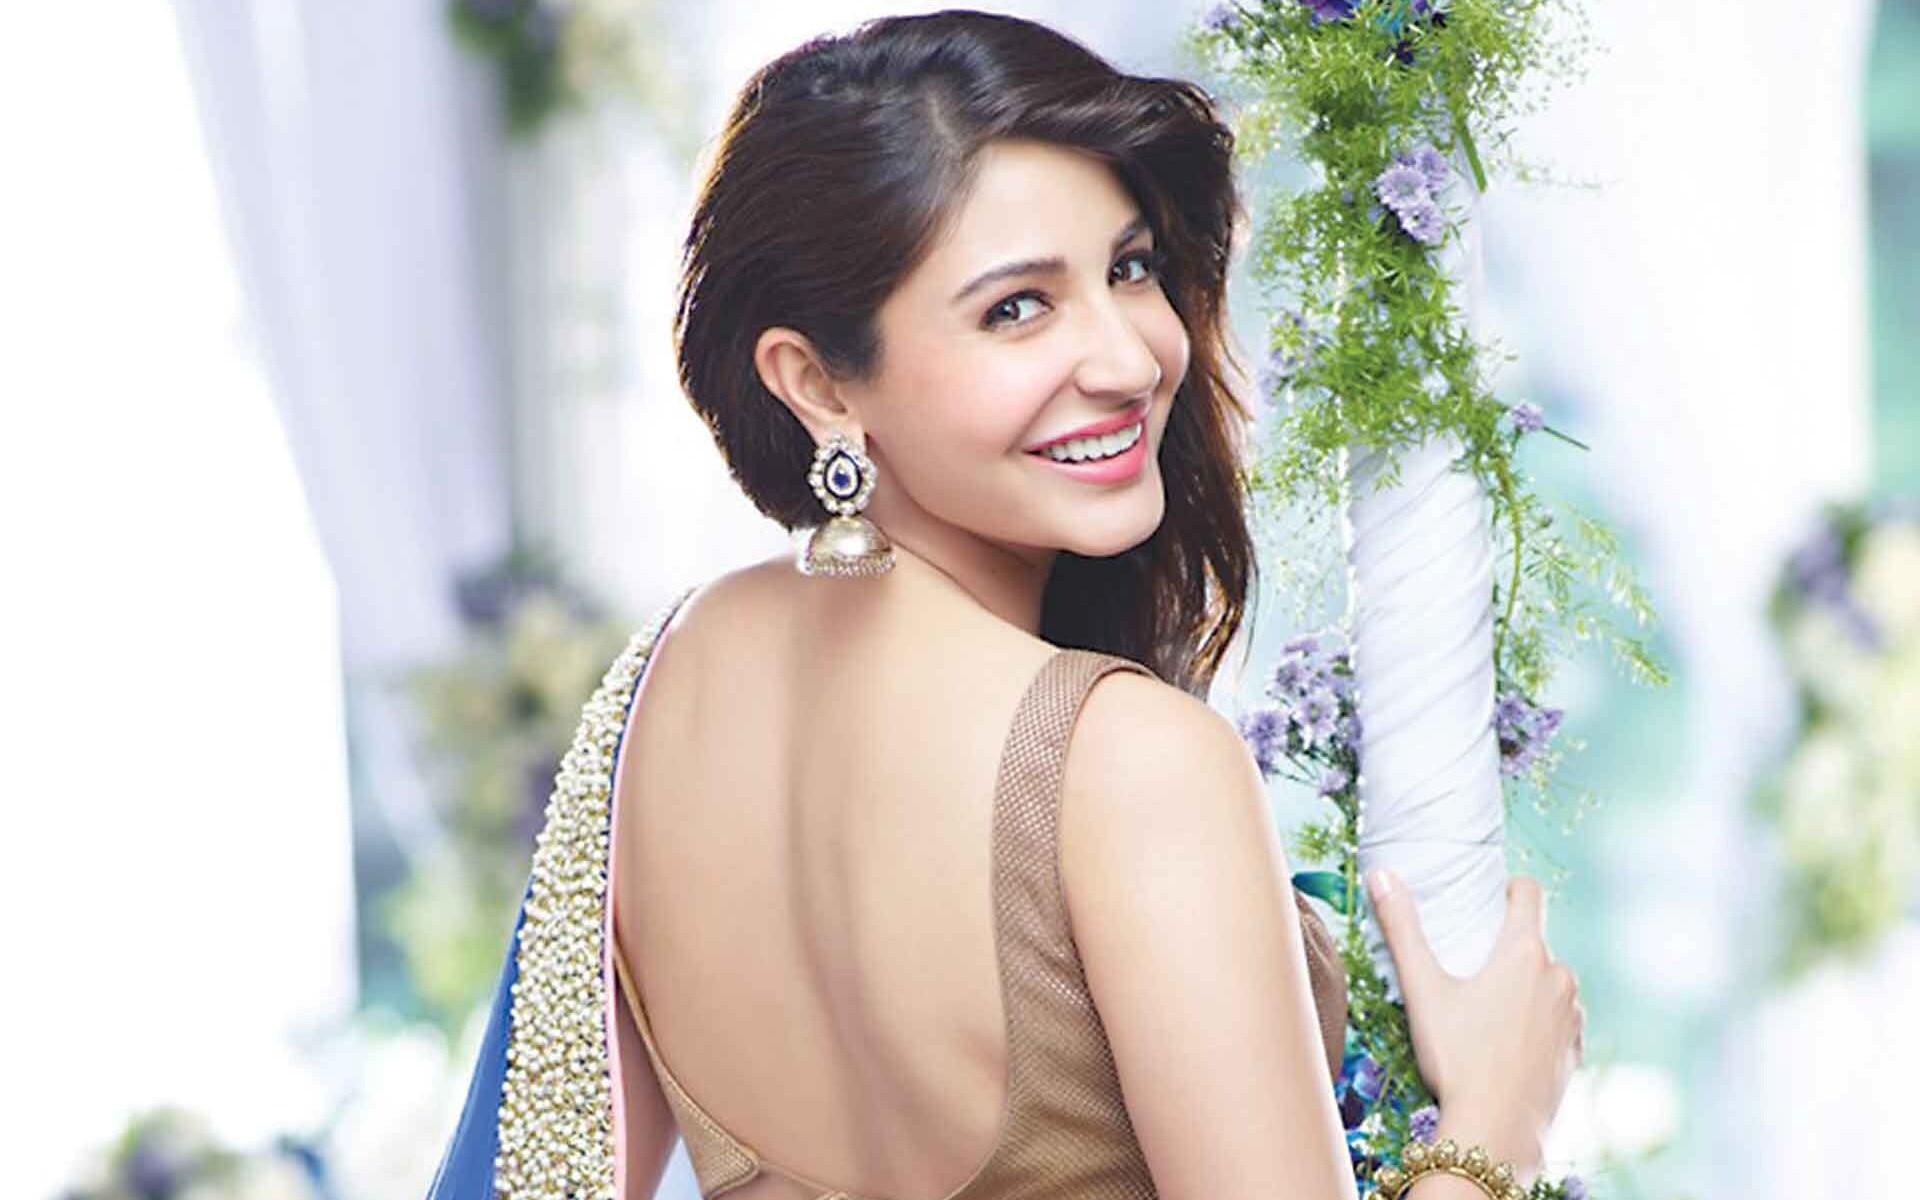 anushka sharma wallpapers | free download hd bollywood actress images